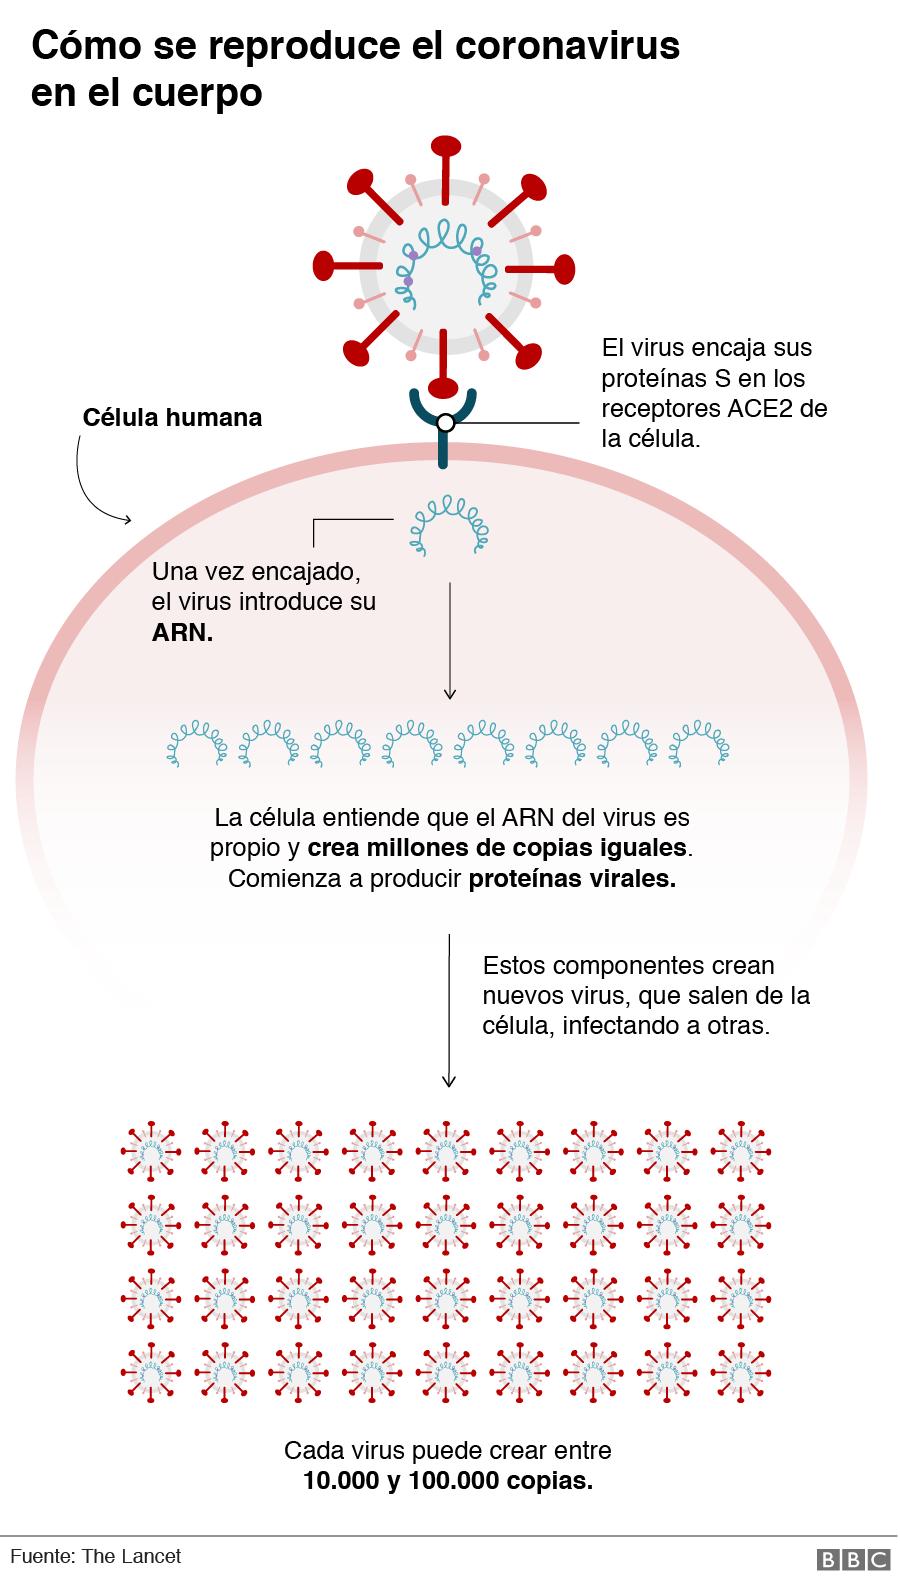 Gráfico sobre cómo entra el coronavirus al cuerpo